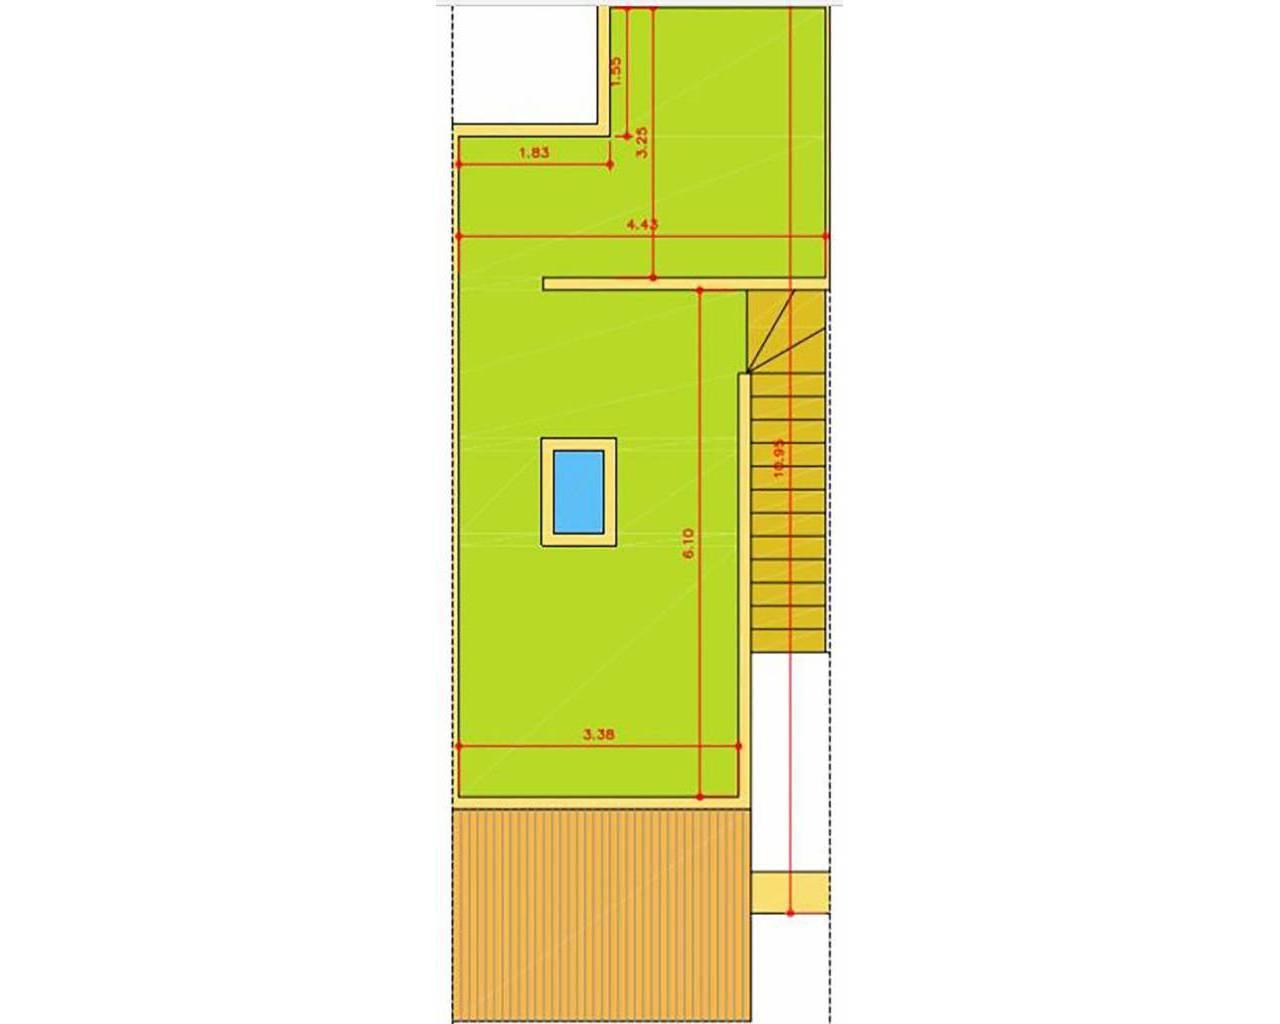 nieuwbouw-geschakelde-woning-duplex-torrevieja-los-balcones_5348_xl